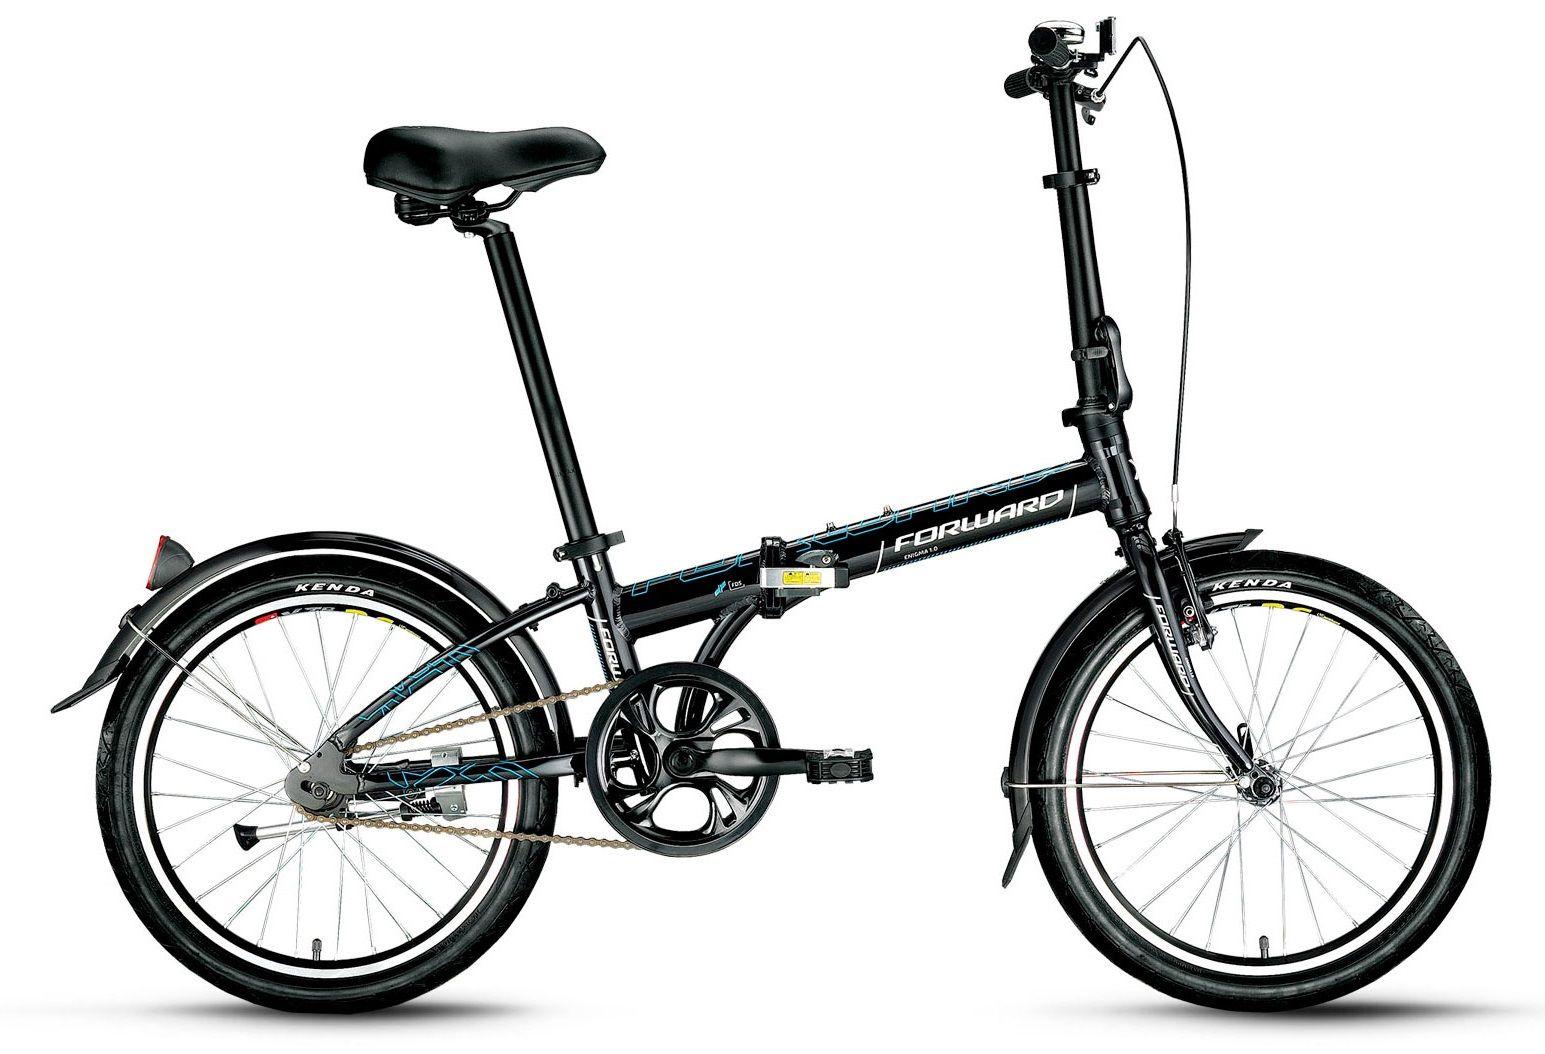 Велосипед Forward Enigma 1.0 2018 велосипед forward enigma 1 0 20 2016